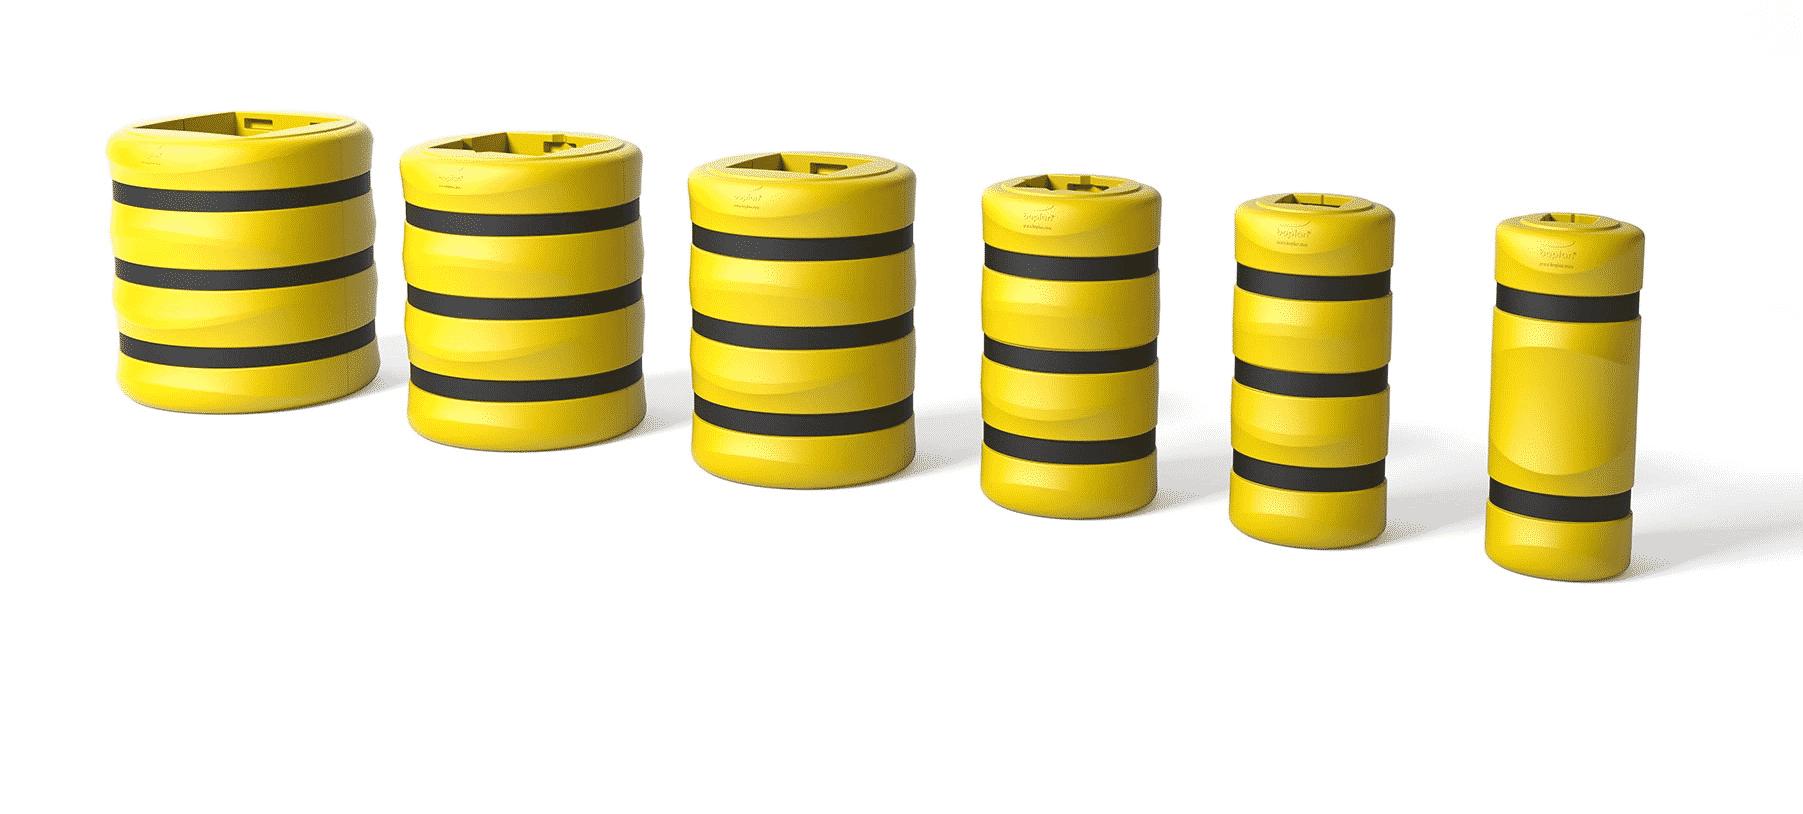 Säulenschutz KP Protector und Rammschutz von boplan günstig bei Kauf-dein-Regal.de